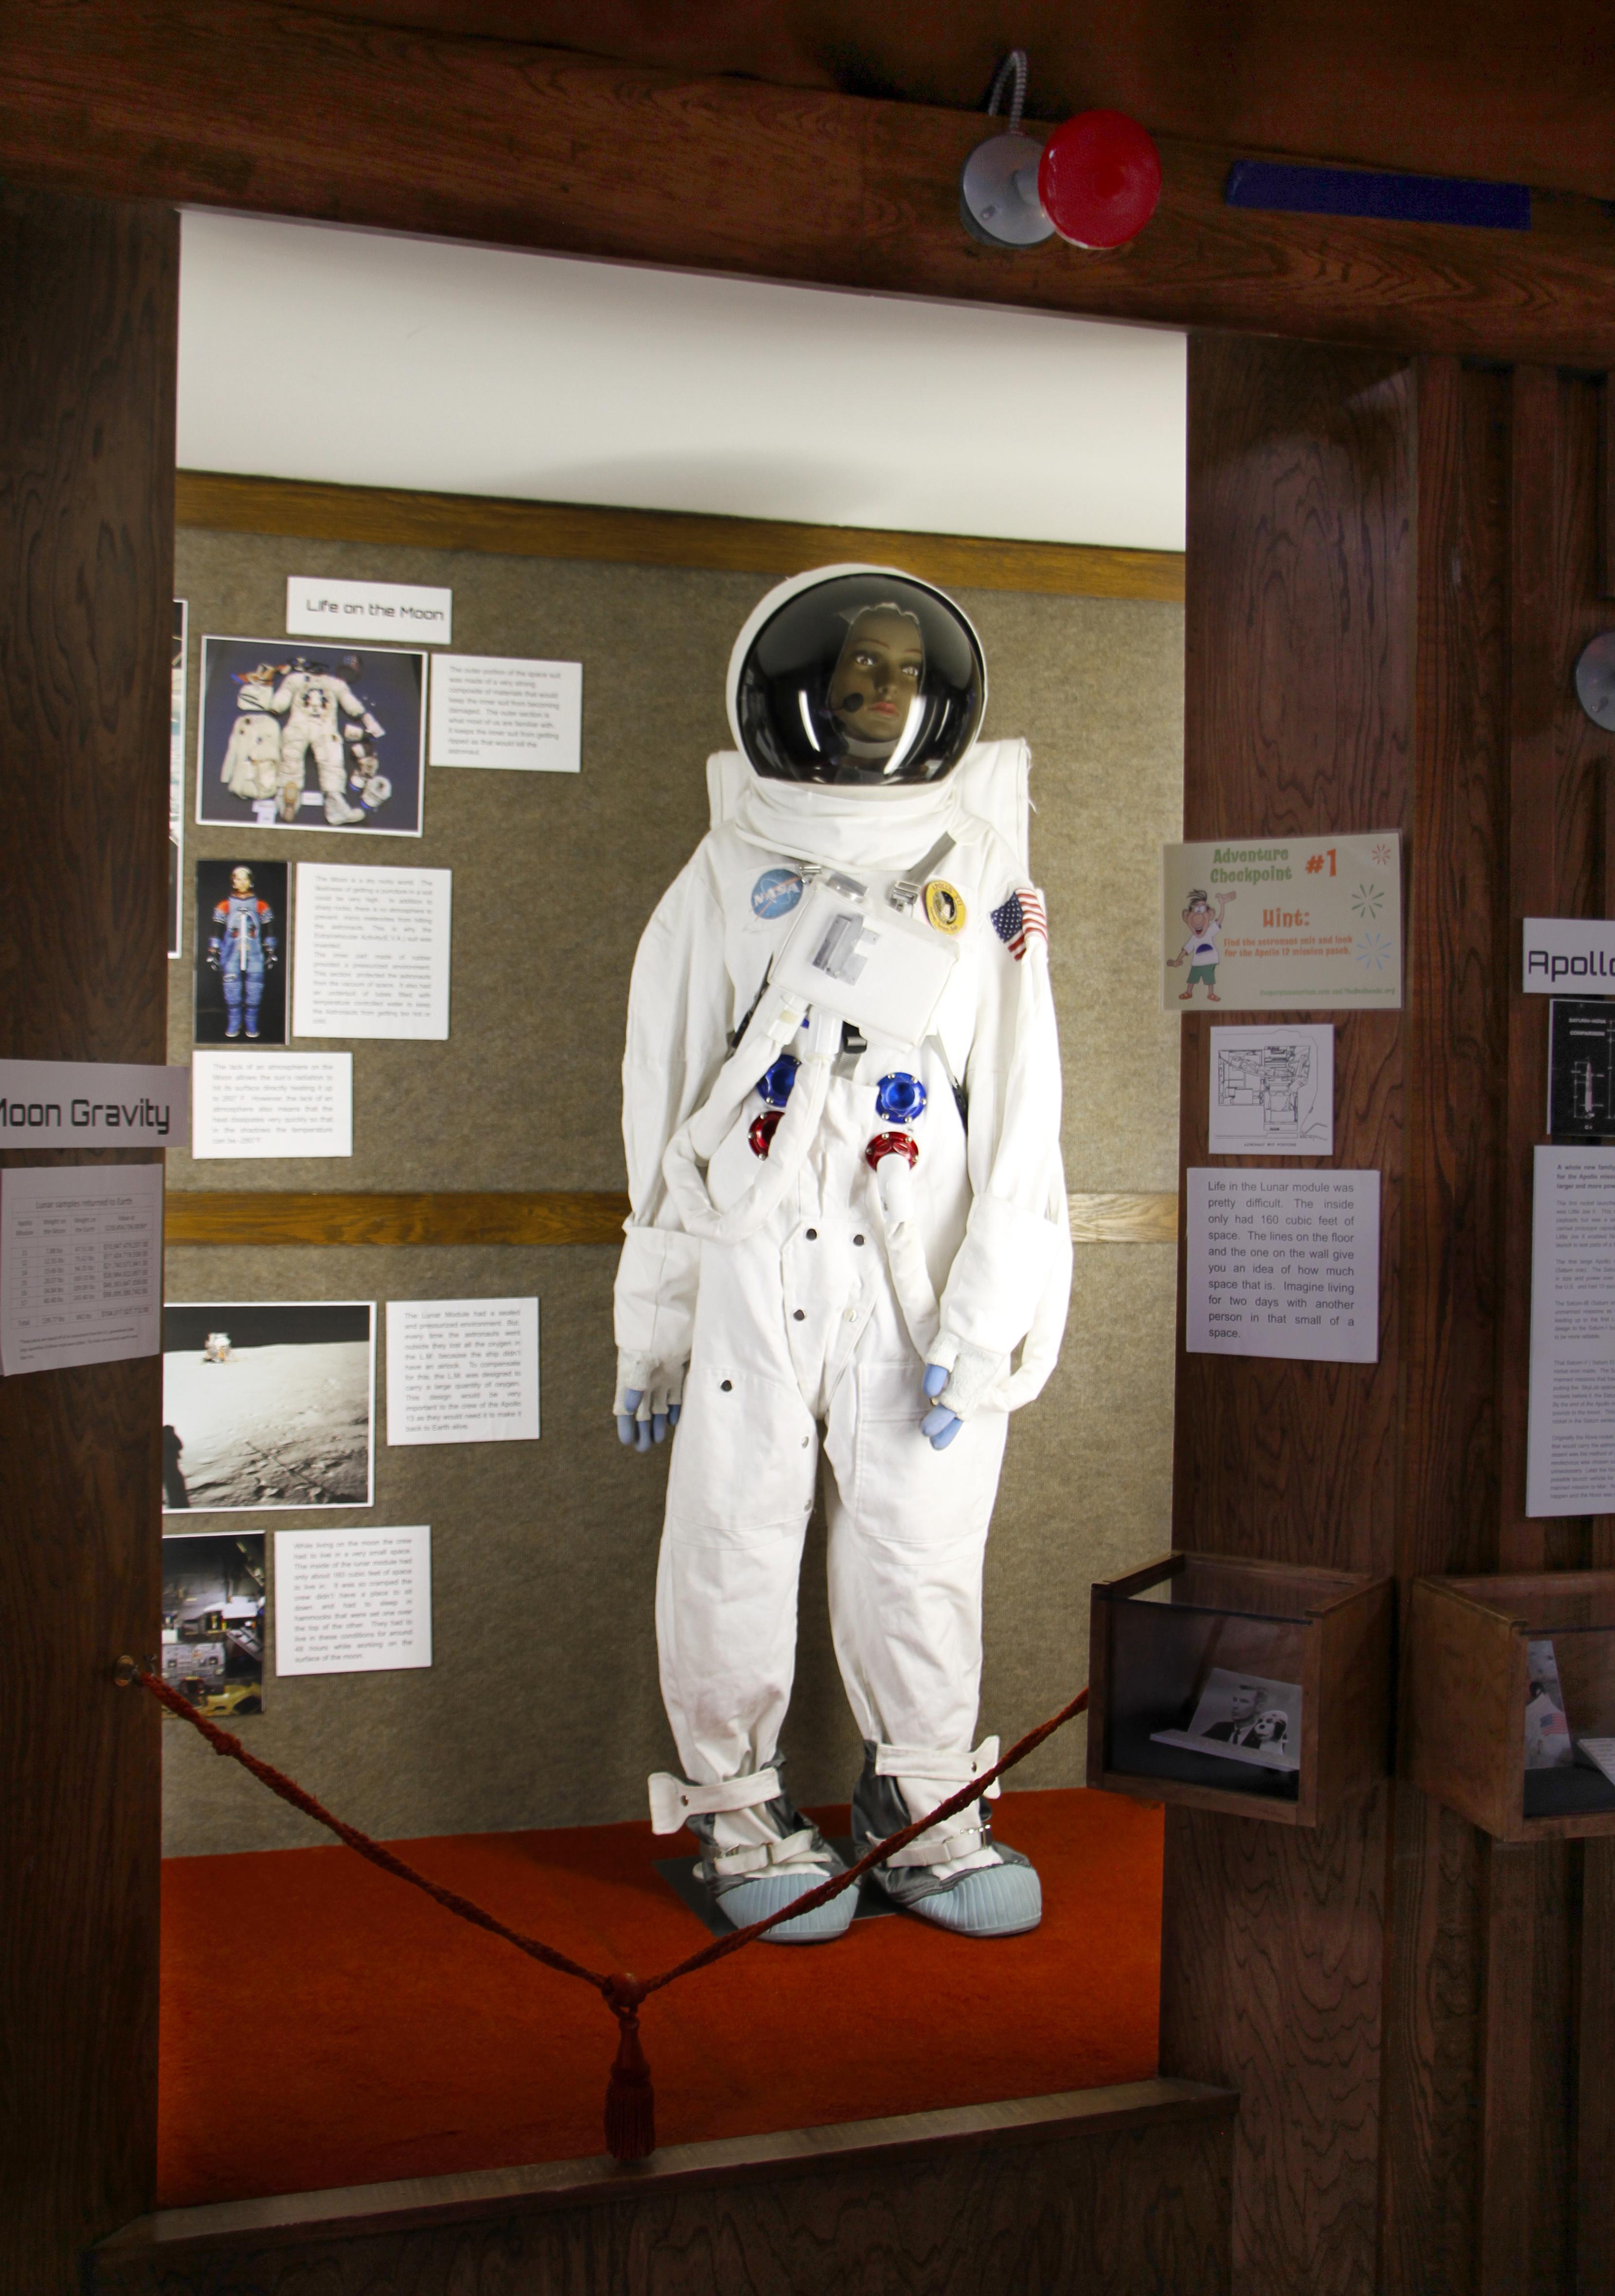 Astronaut space-suit in lobby display of Casper Planetarium